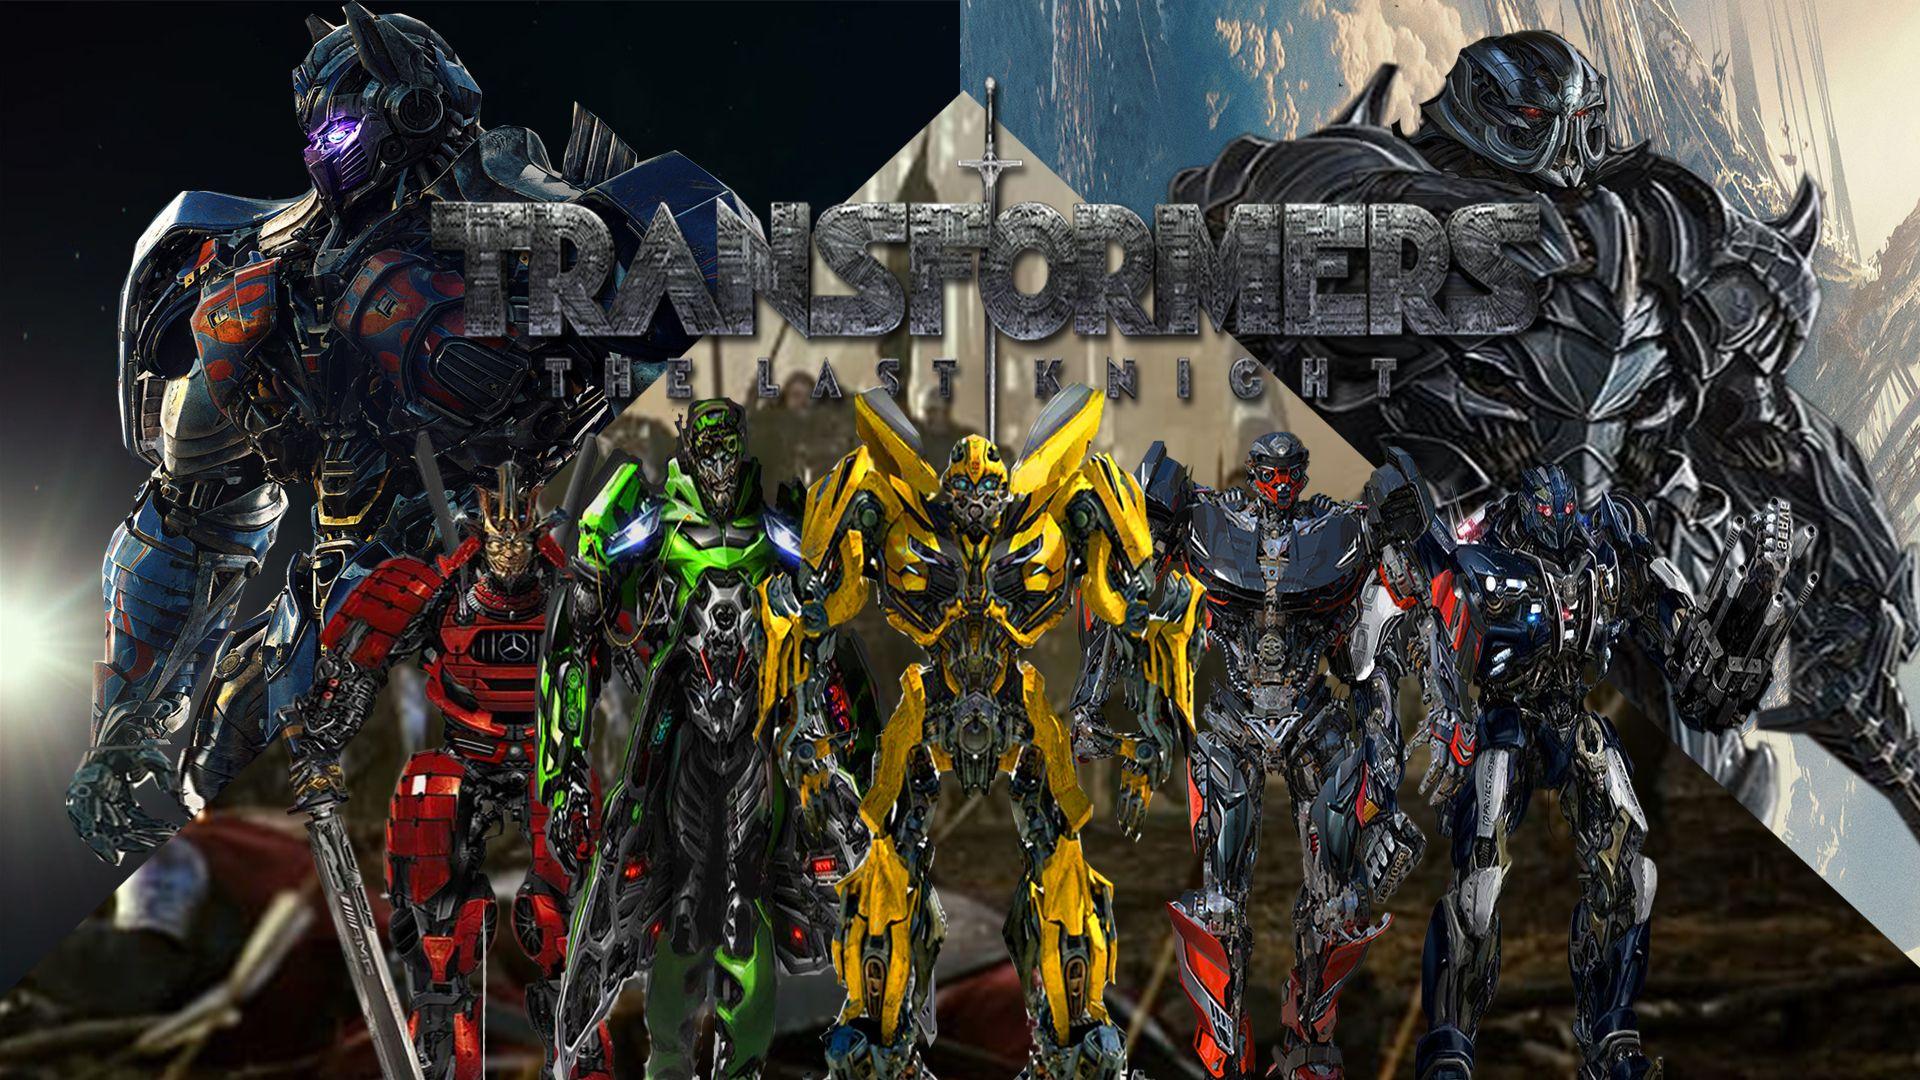 Imagenes De Transformers: Image Result For Transformer Last Knight